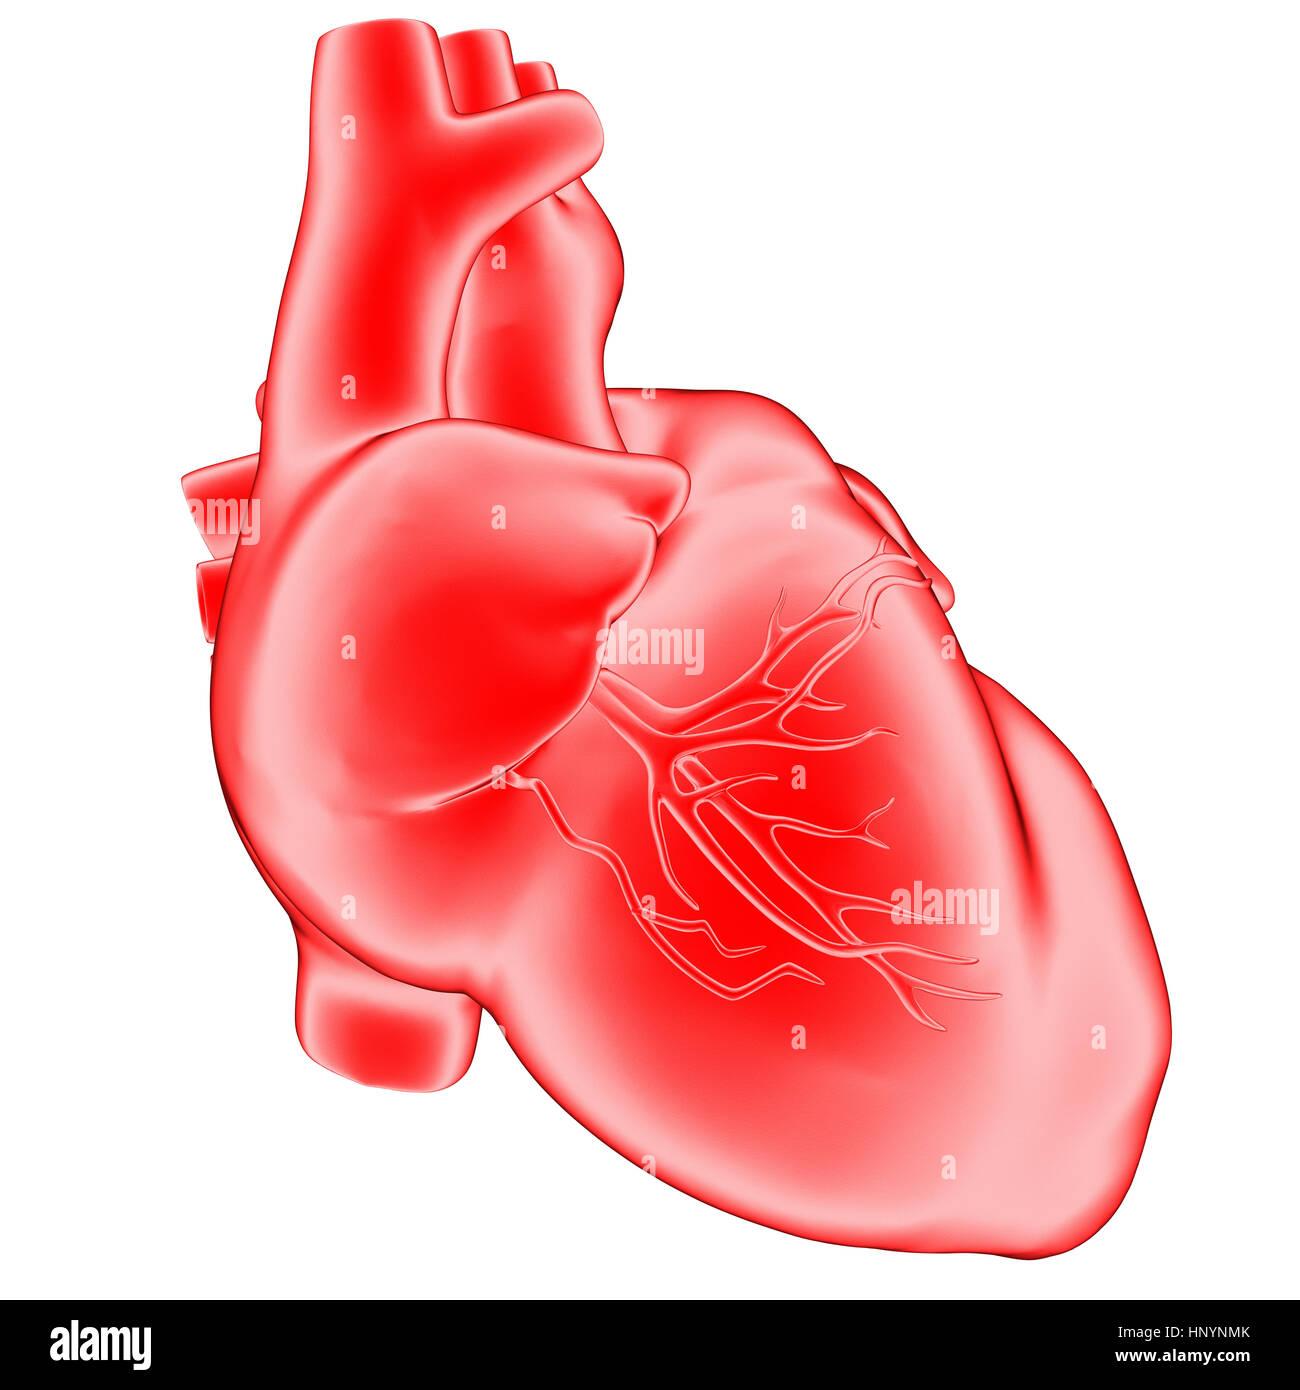 3d Illustration Anatomy Human Heart Stock Photos & 3d Illustration ...